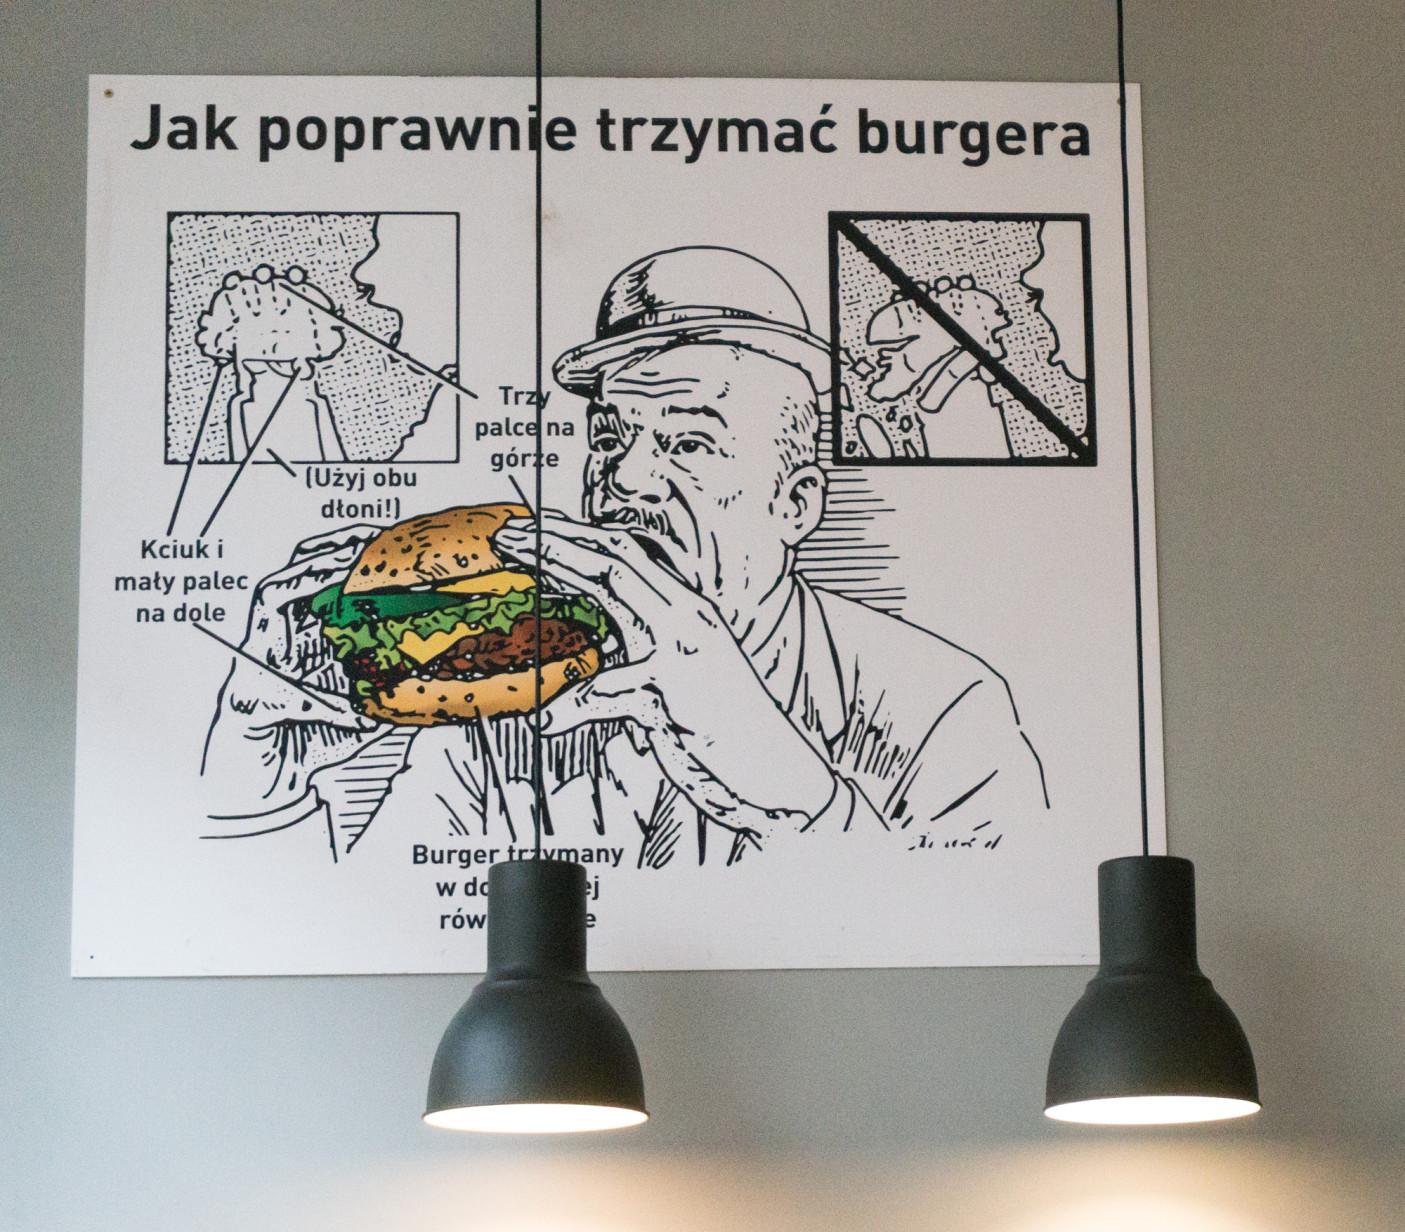 Zanim zatopimy się w burgerze, warto rzucić okiem na szybką grafikę instruktażową.  Burger to nie bułka z masłem i aby jeść go z klasą, trzeba to robić taktycznie. A w Krowie na Deptaku Burgery są całkiem sporych rozmiarów - 170 g mięsa, sosy domowej roboty, świeże warzywa, różne dodatki.